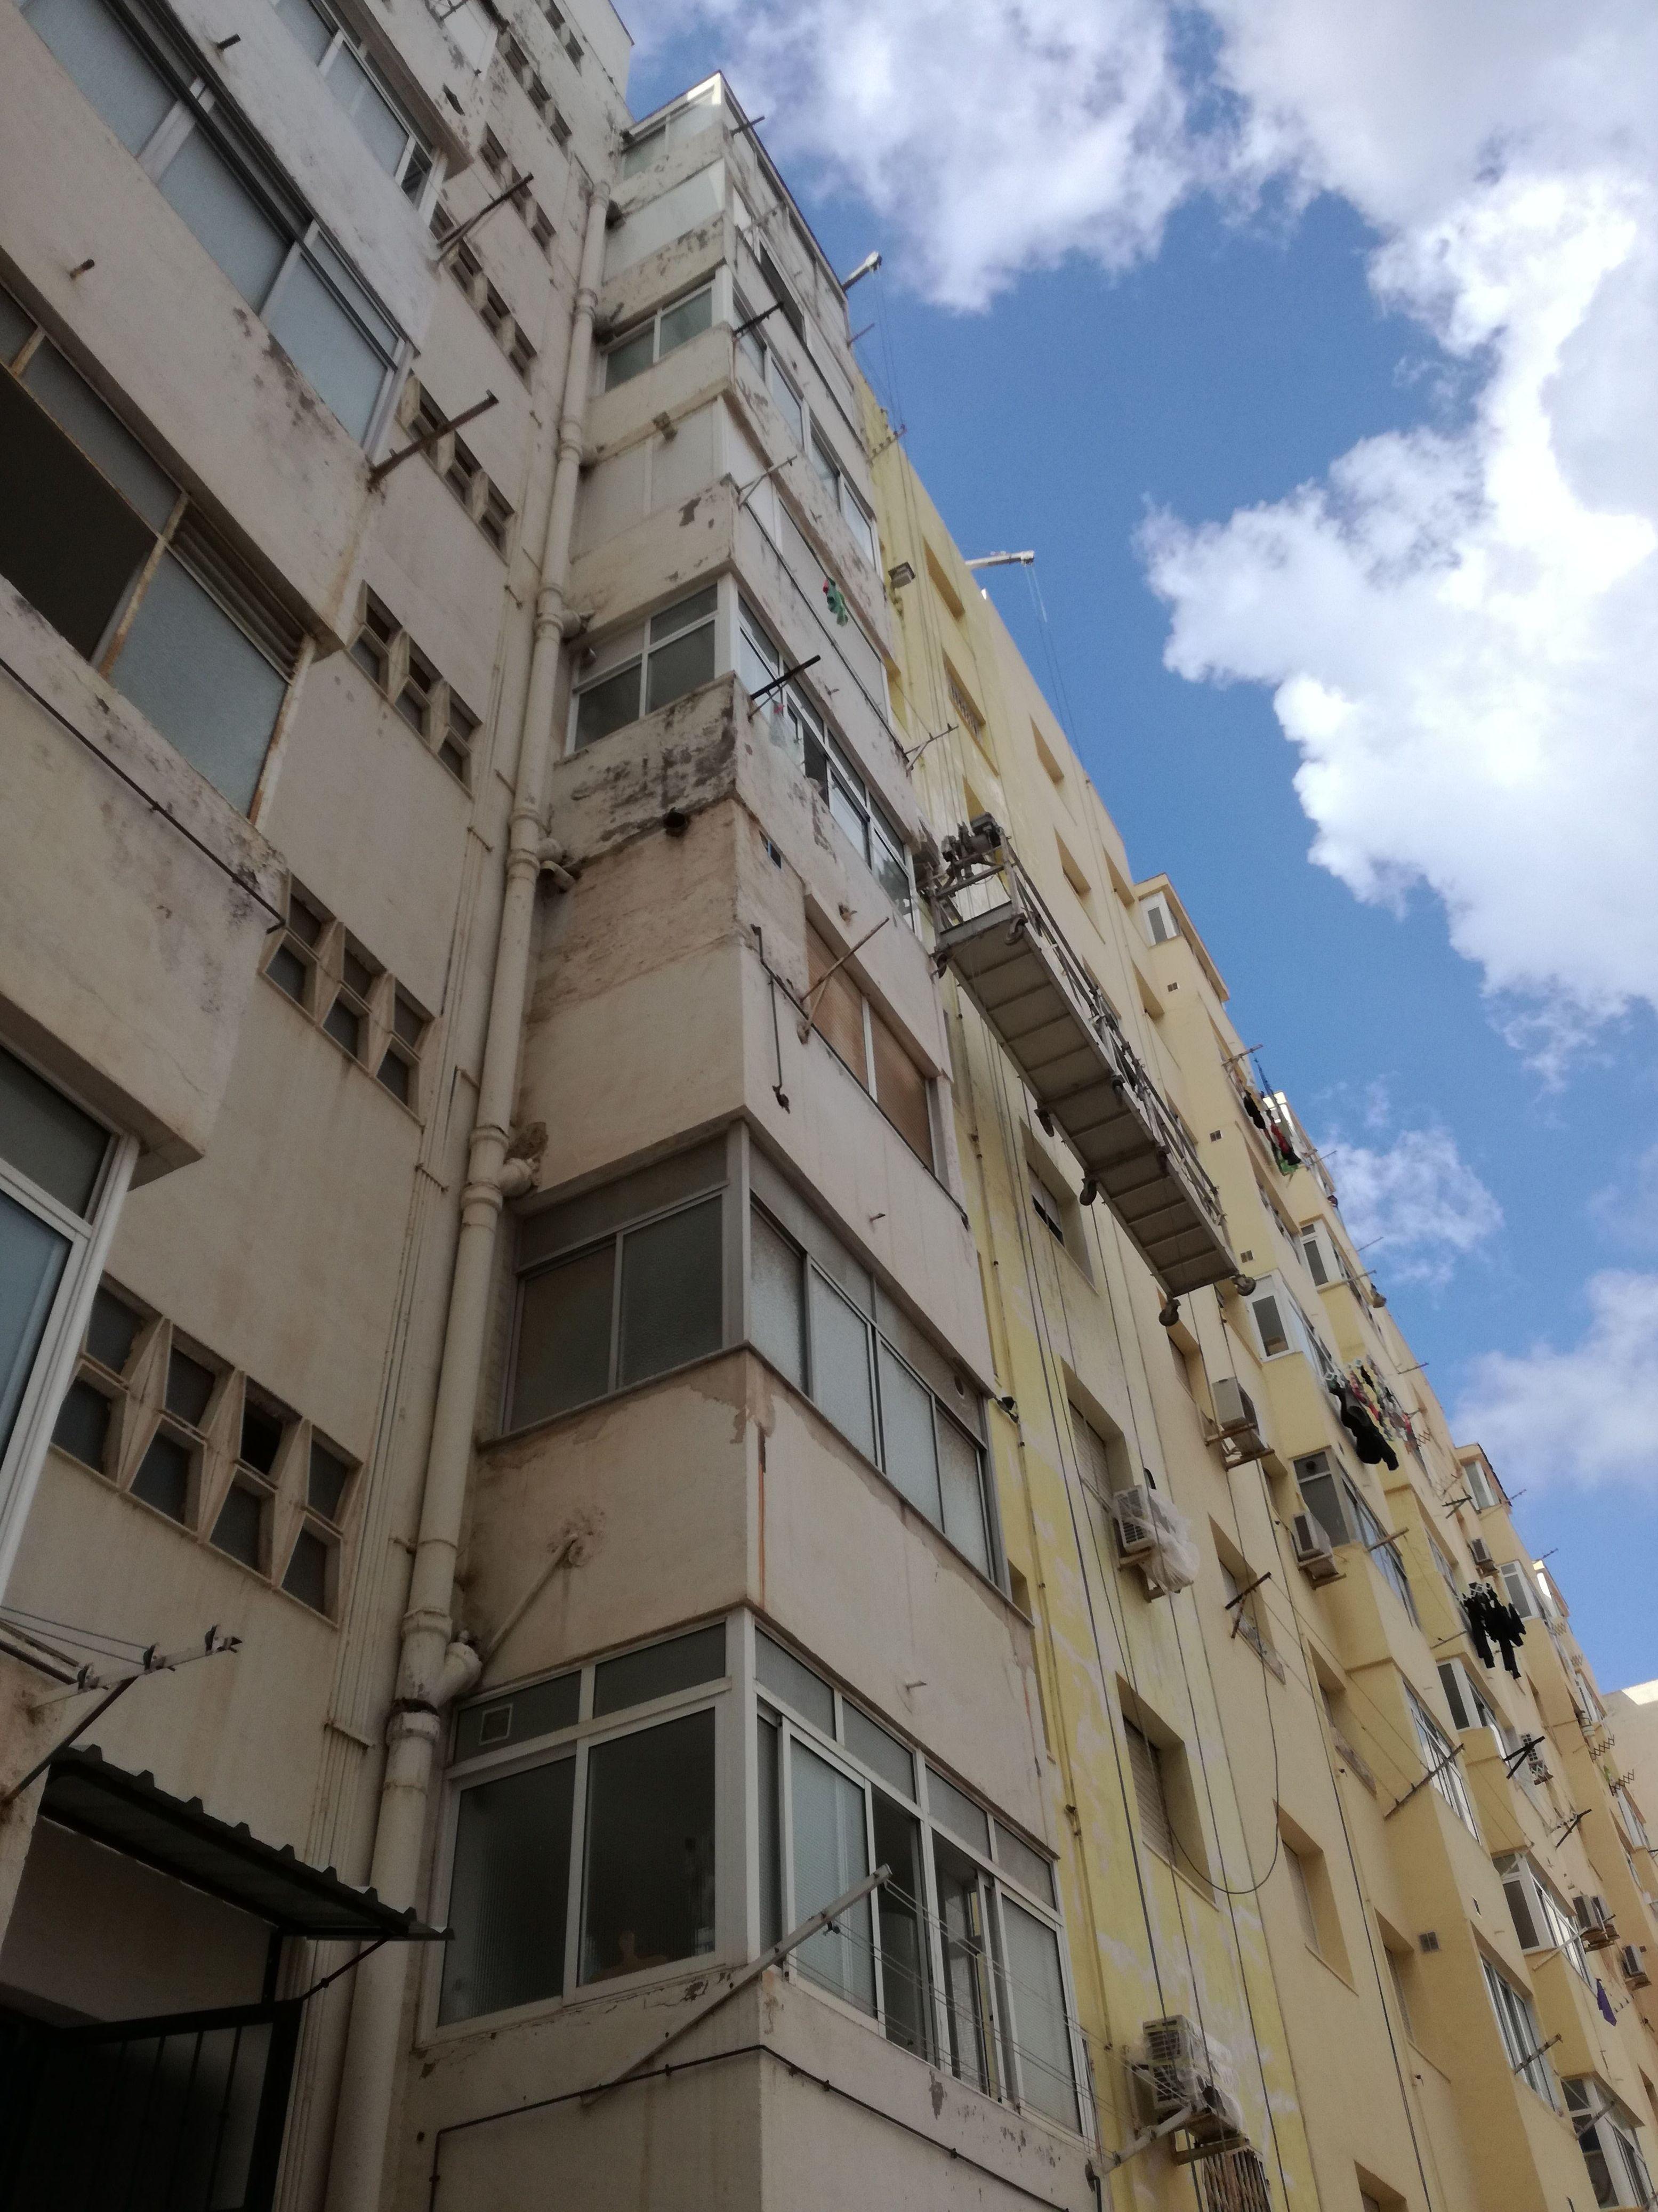 Rehabilitación de fachada con patologías superficiales en una Cdad. de Prop. de Sector Estación de Cartagena. Con andamios colgados sobre pescantes en azotea